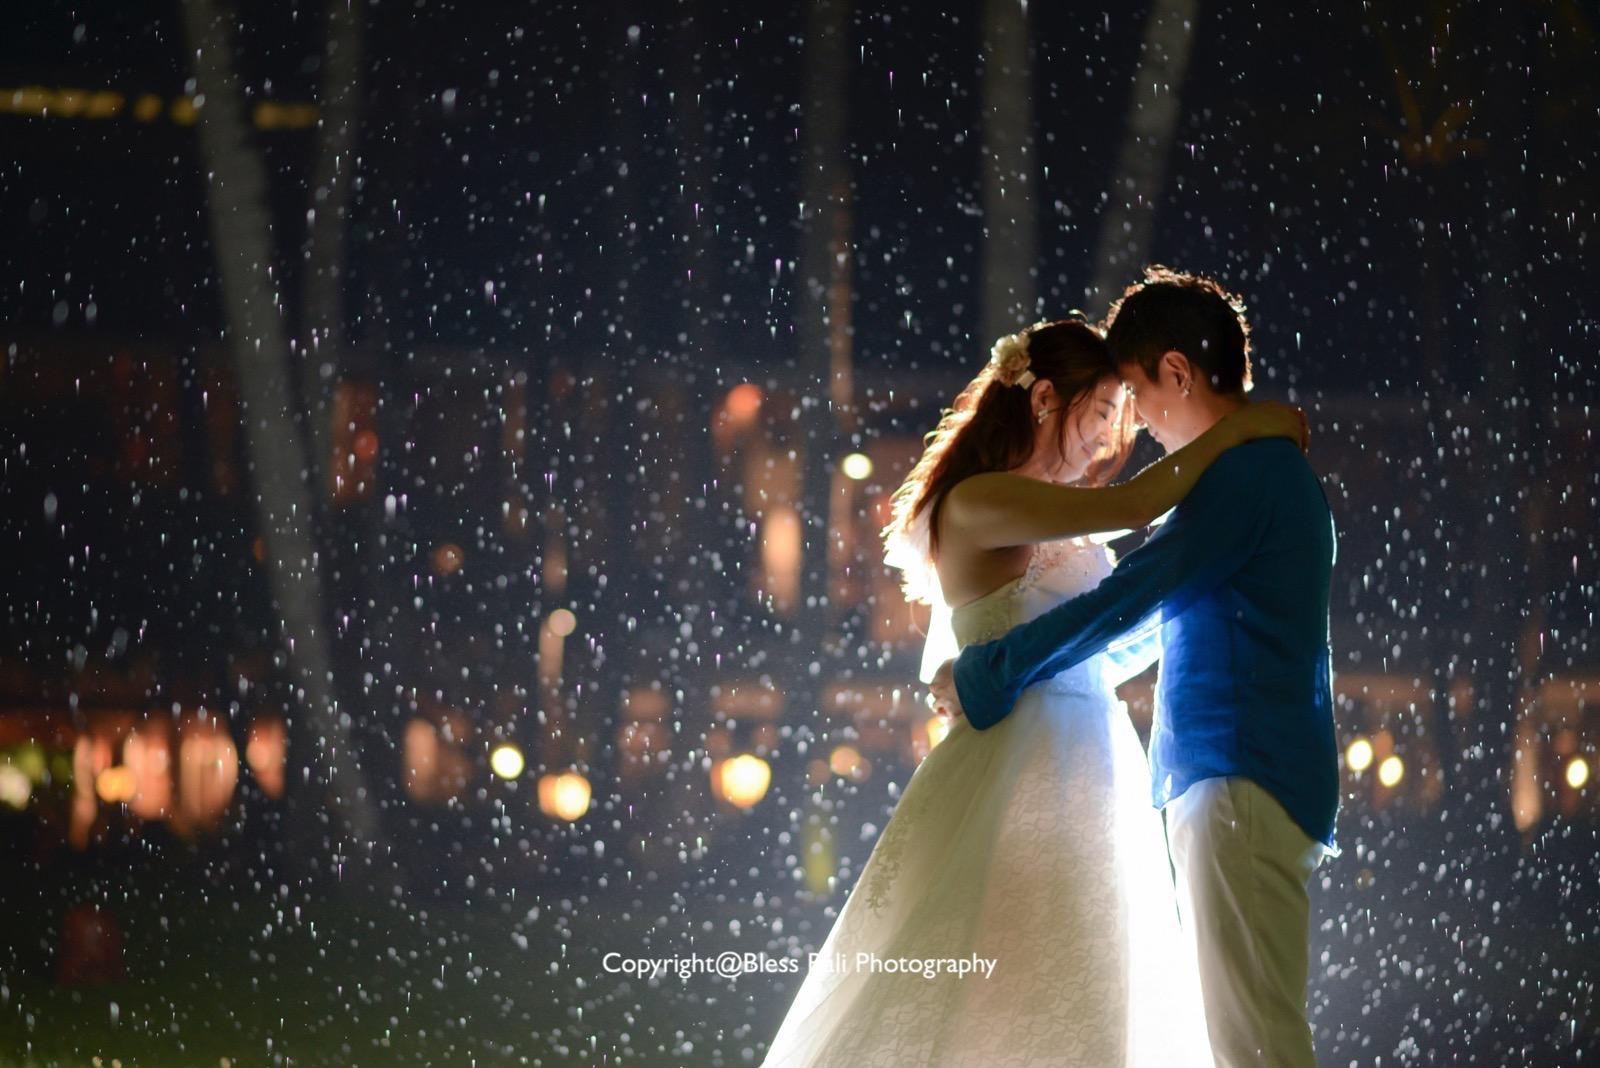 雨の中で抱き合う新郎新婦様